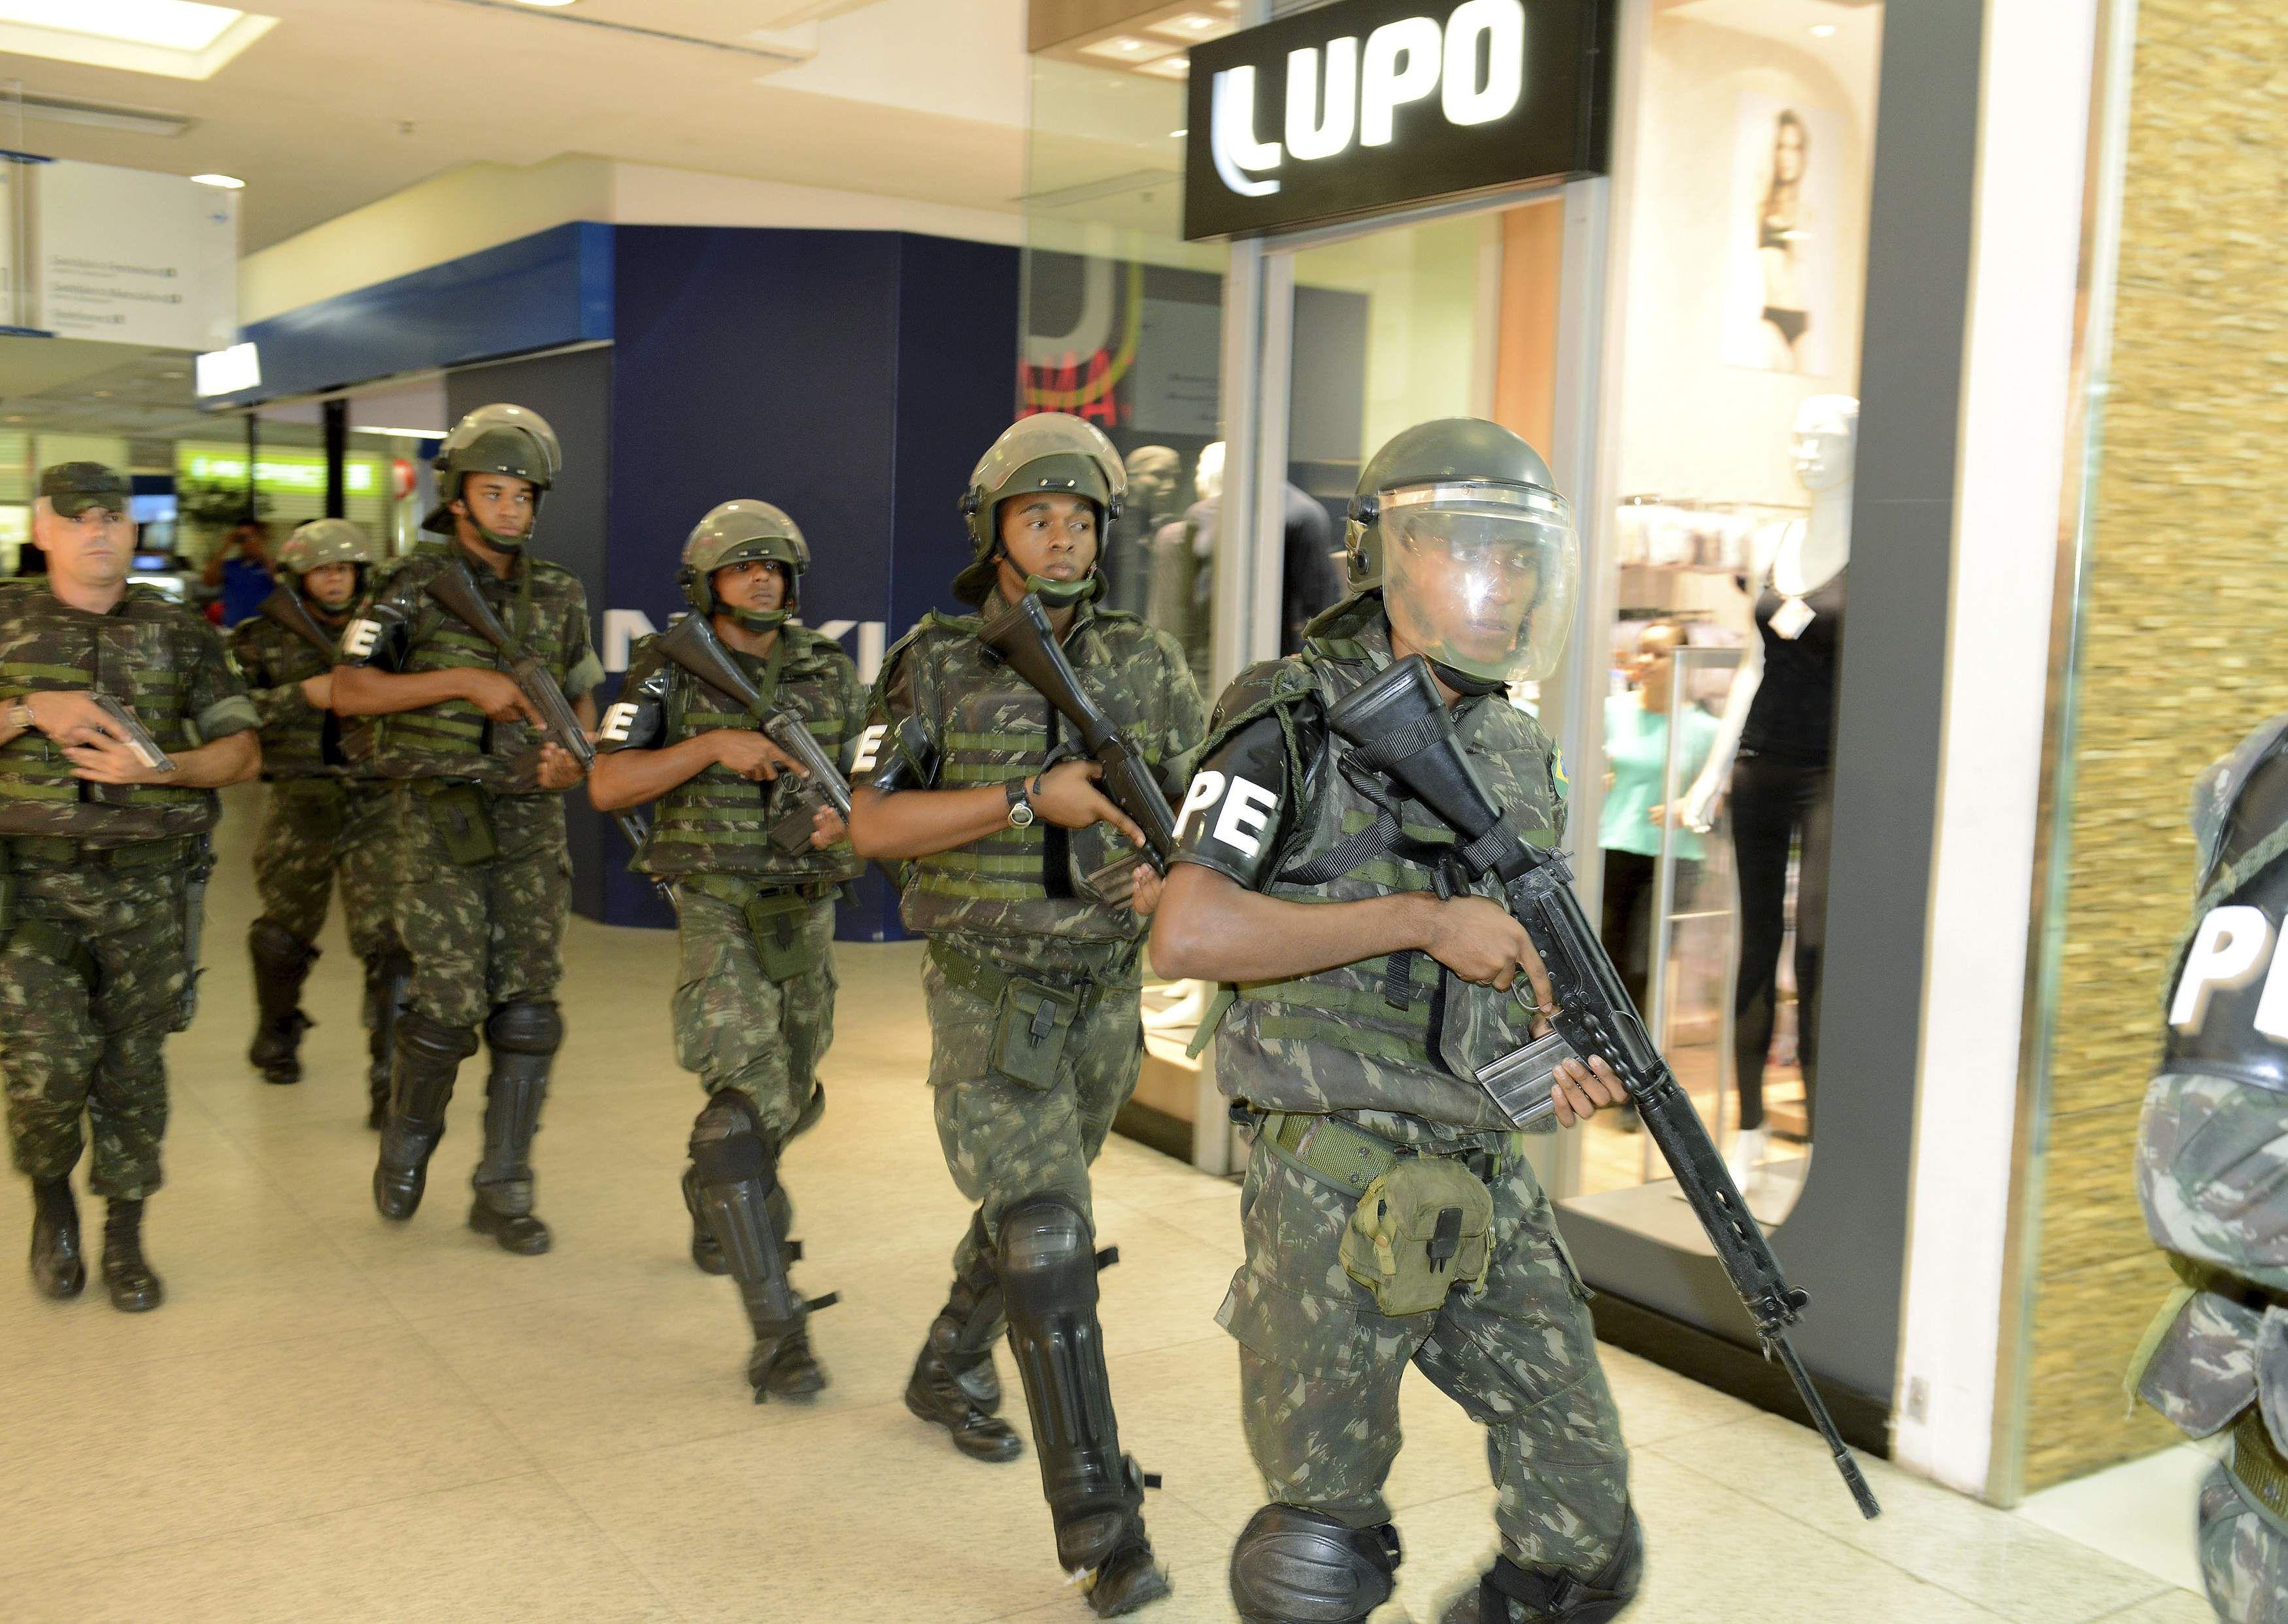 Fuerzas militares en un centro comercial de Salvador de Bahía.